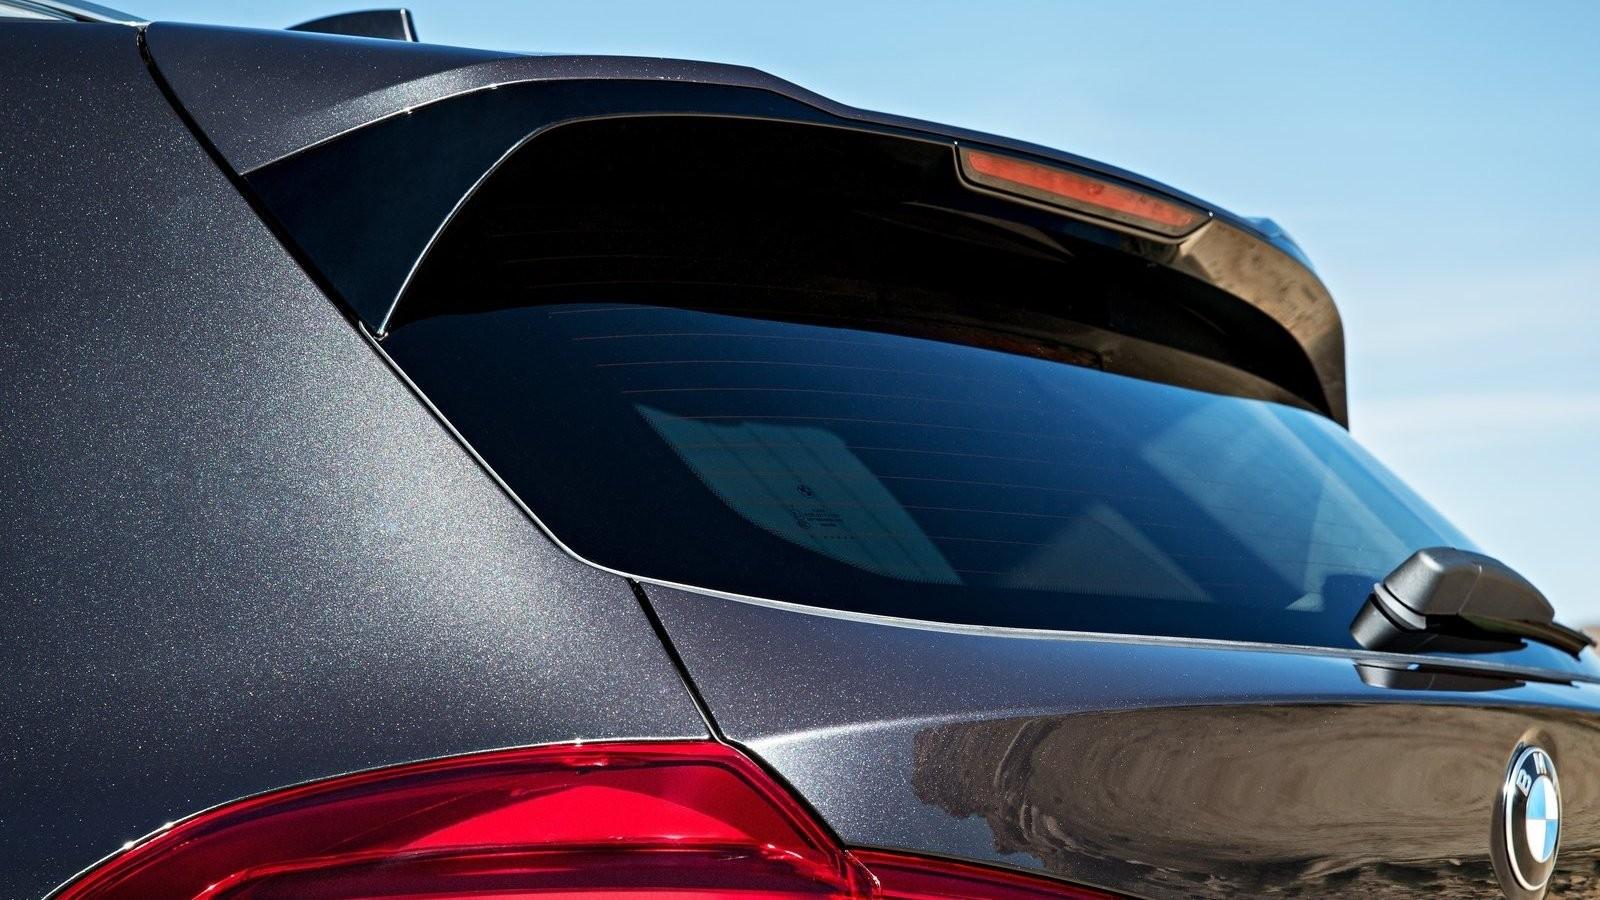 BMW-X3-2018-1600-7f